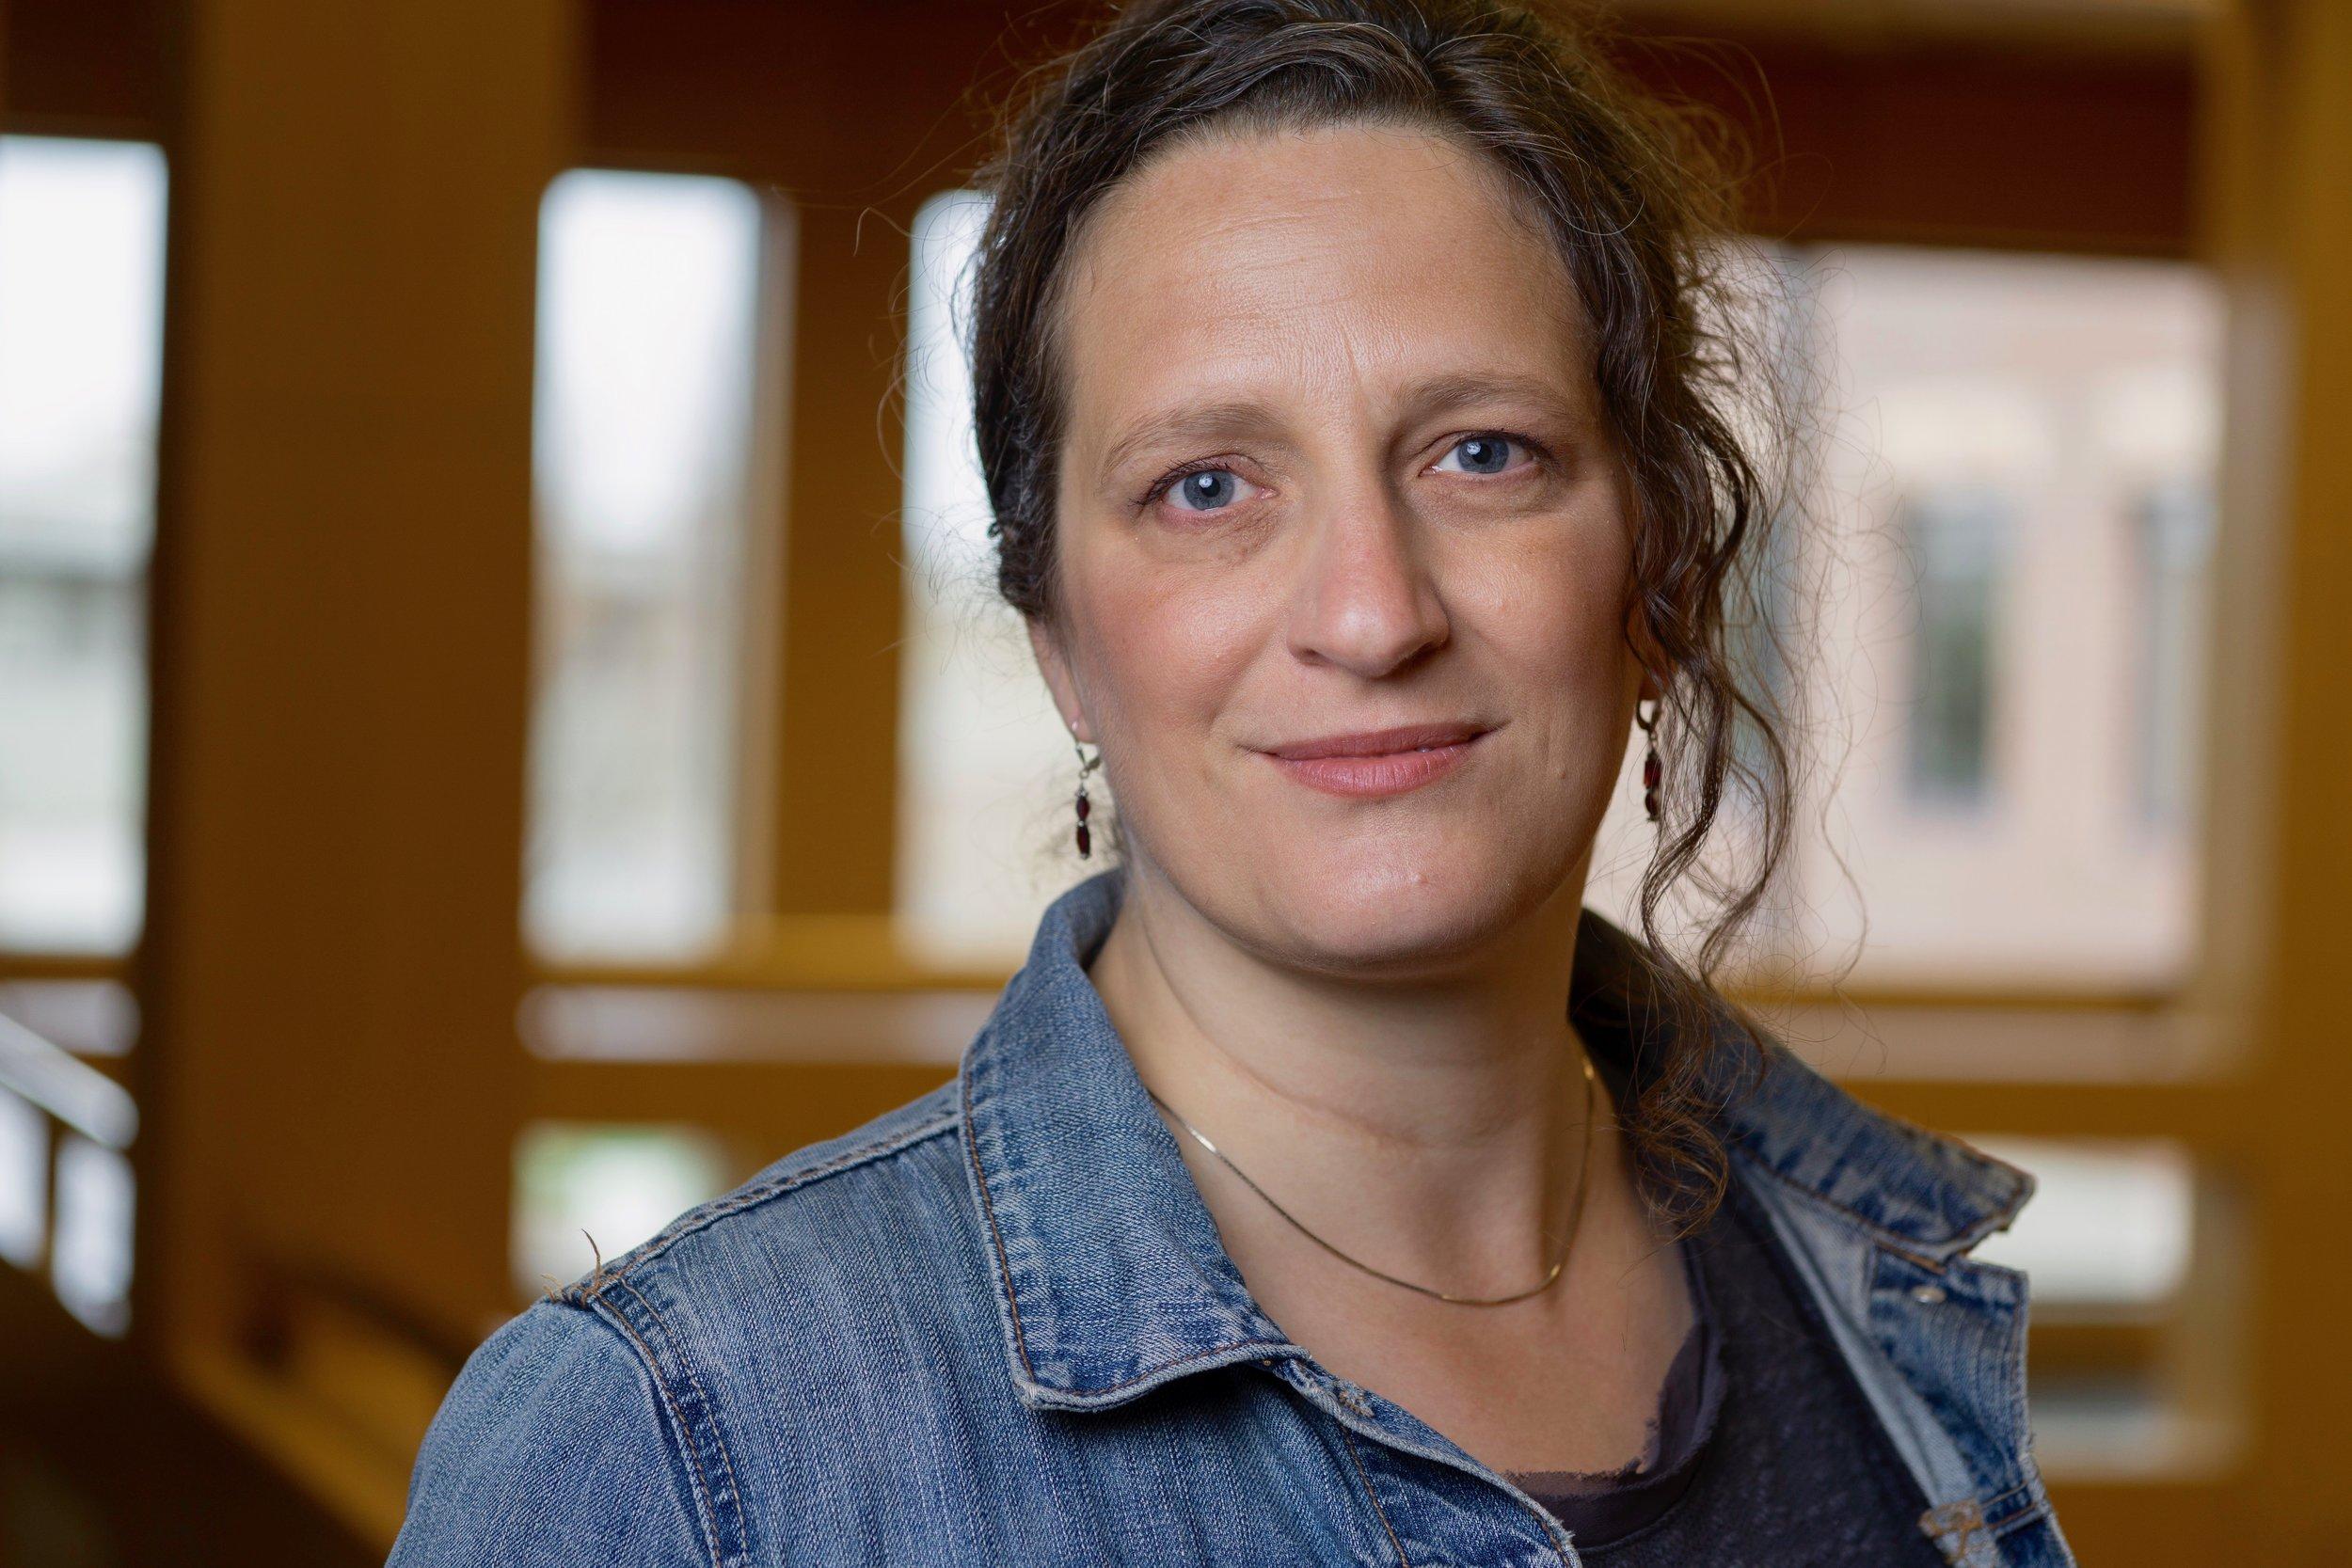 A headshot of Anne Jamison. She wears a jean jacket.